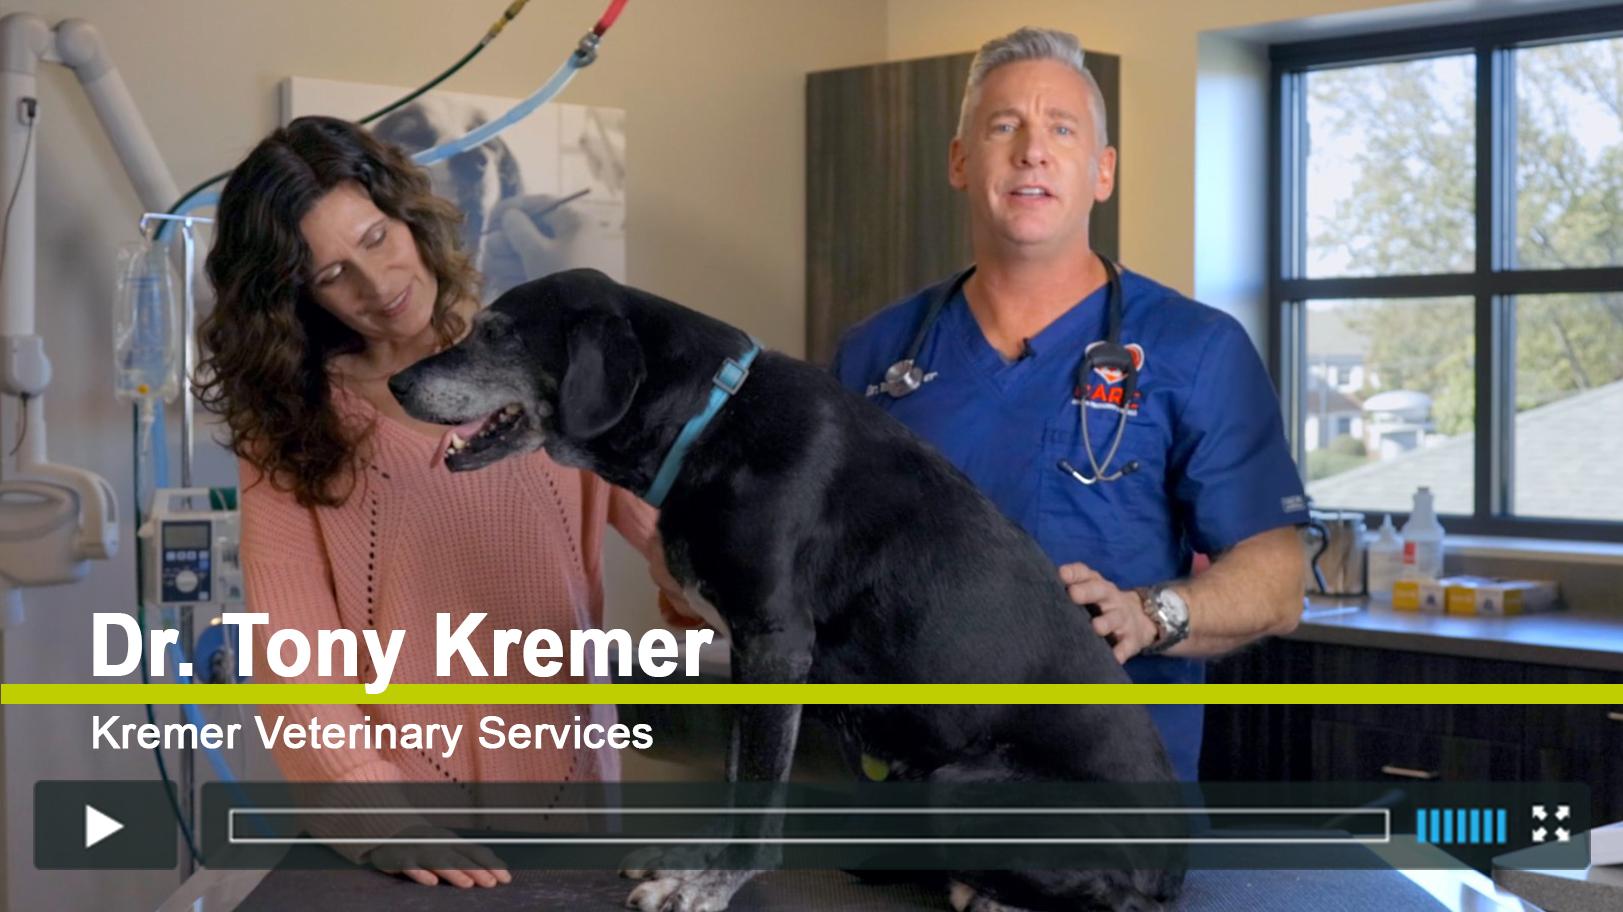 Vimeo - Dr Tony Kremer - Chronic Pain and Arthritis in Older Dogs